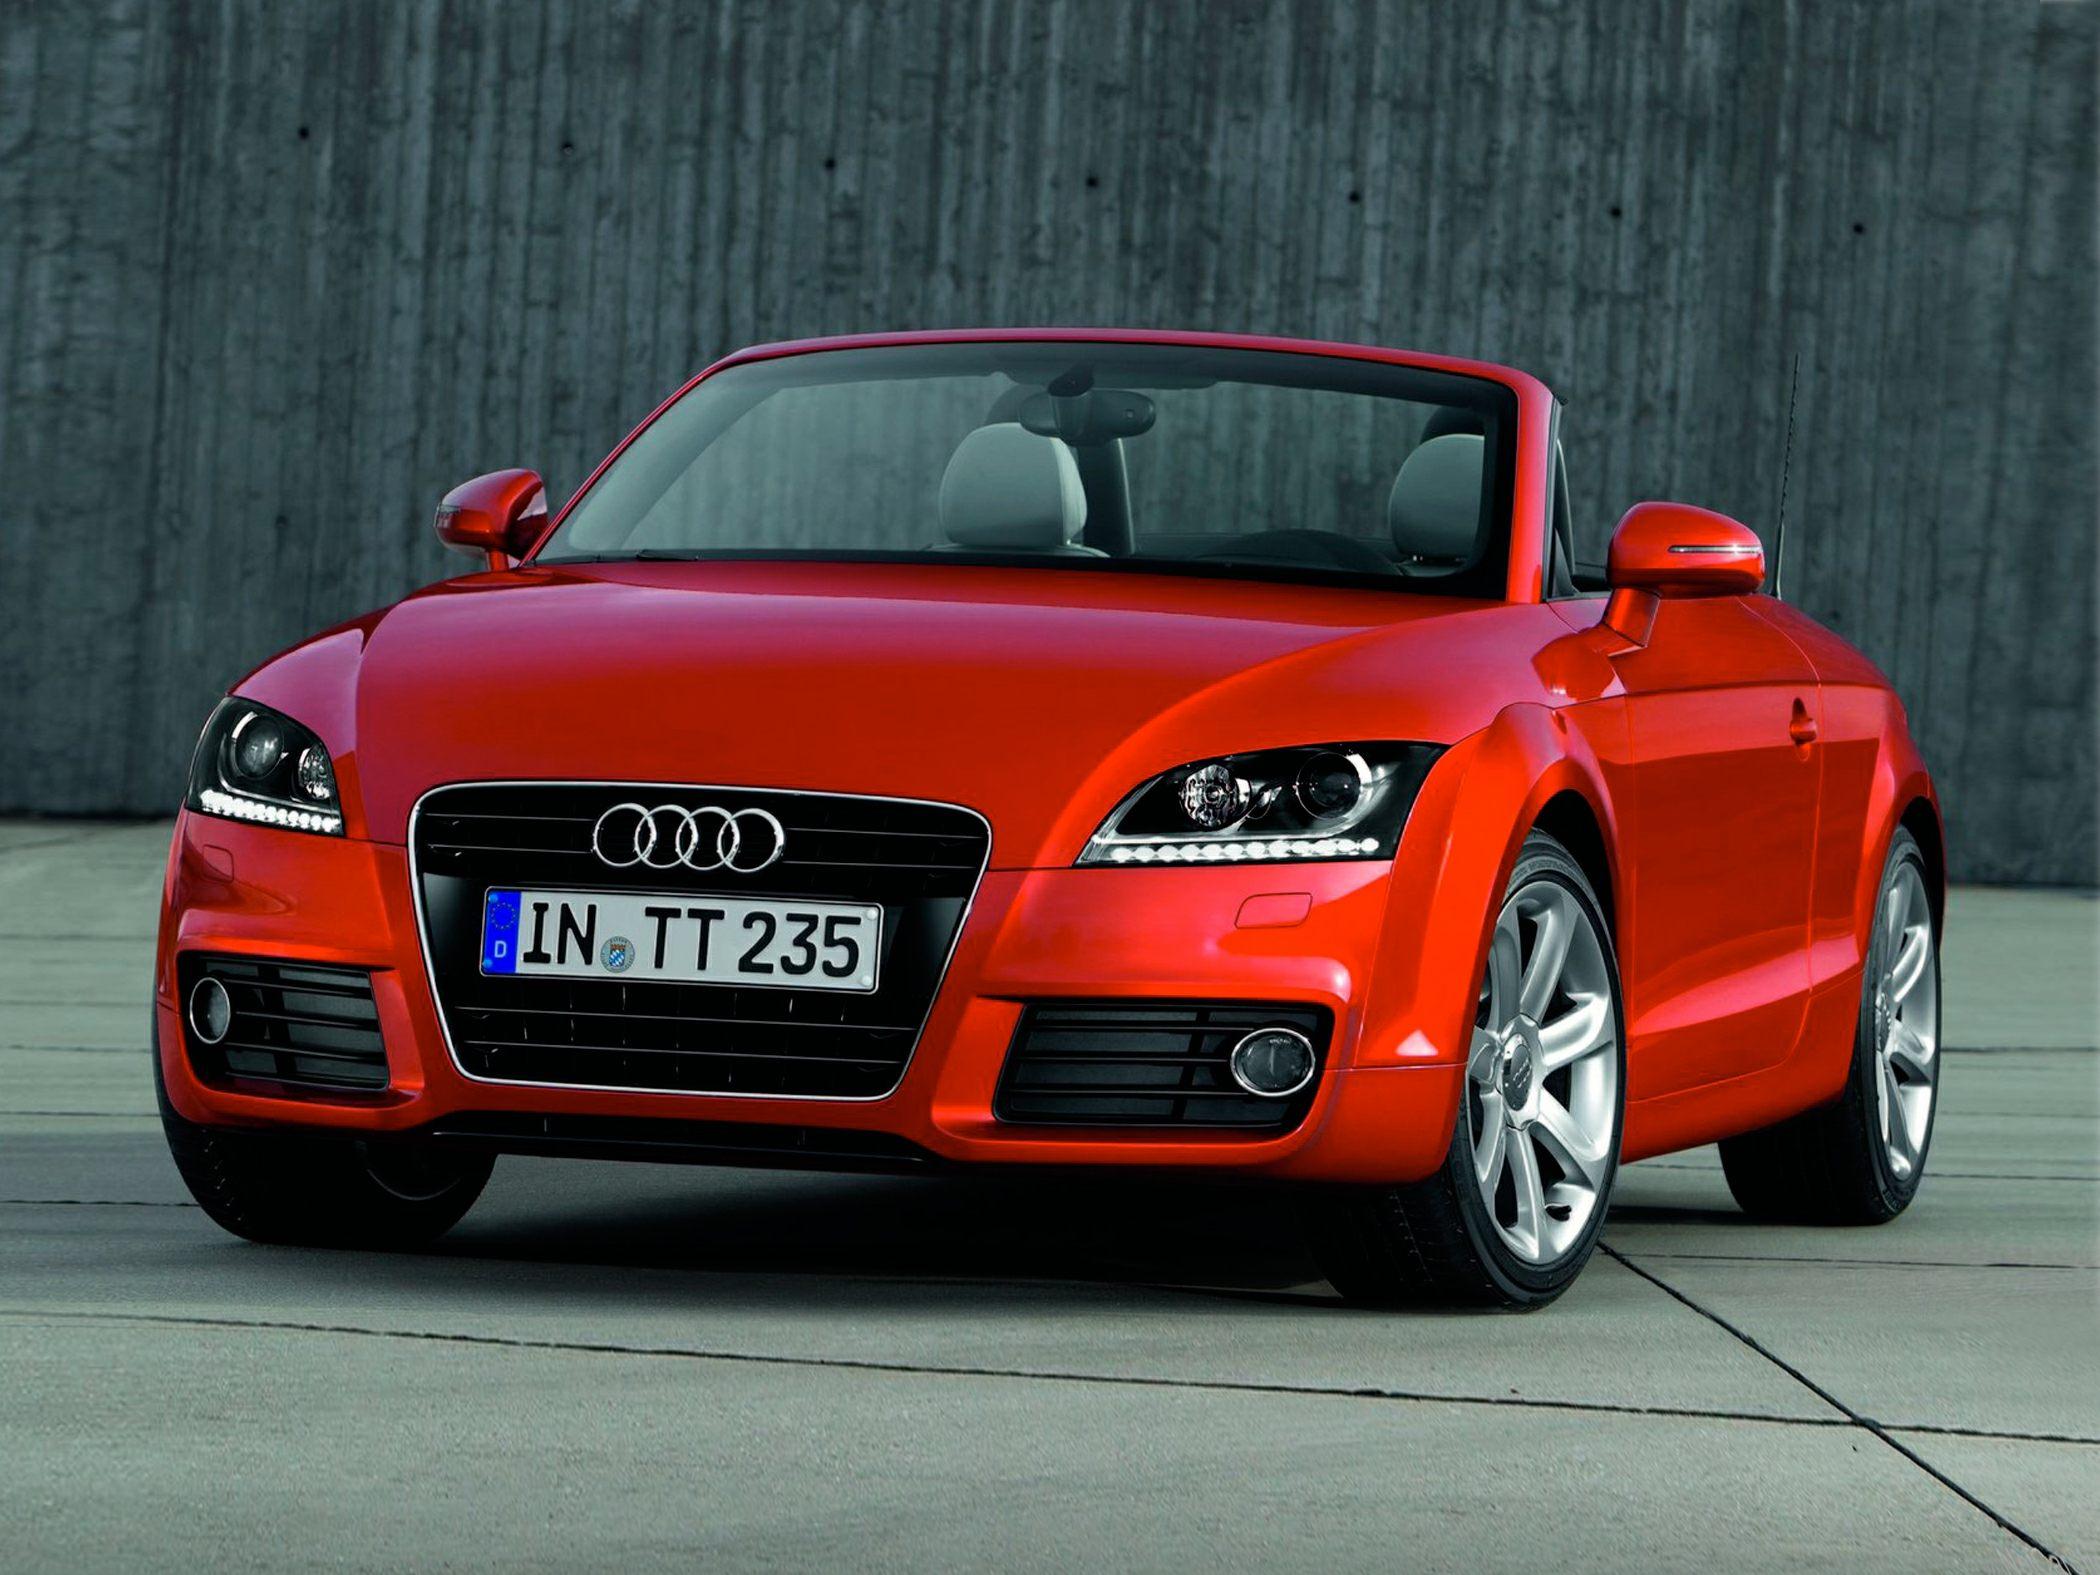 2014 Audi TT Glam